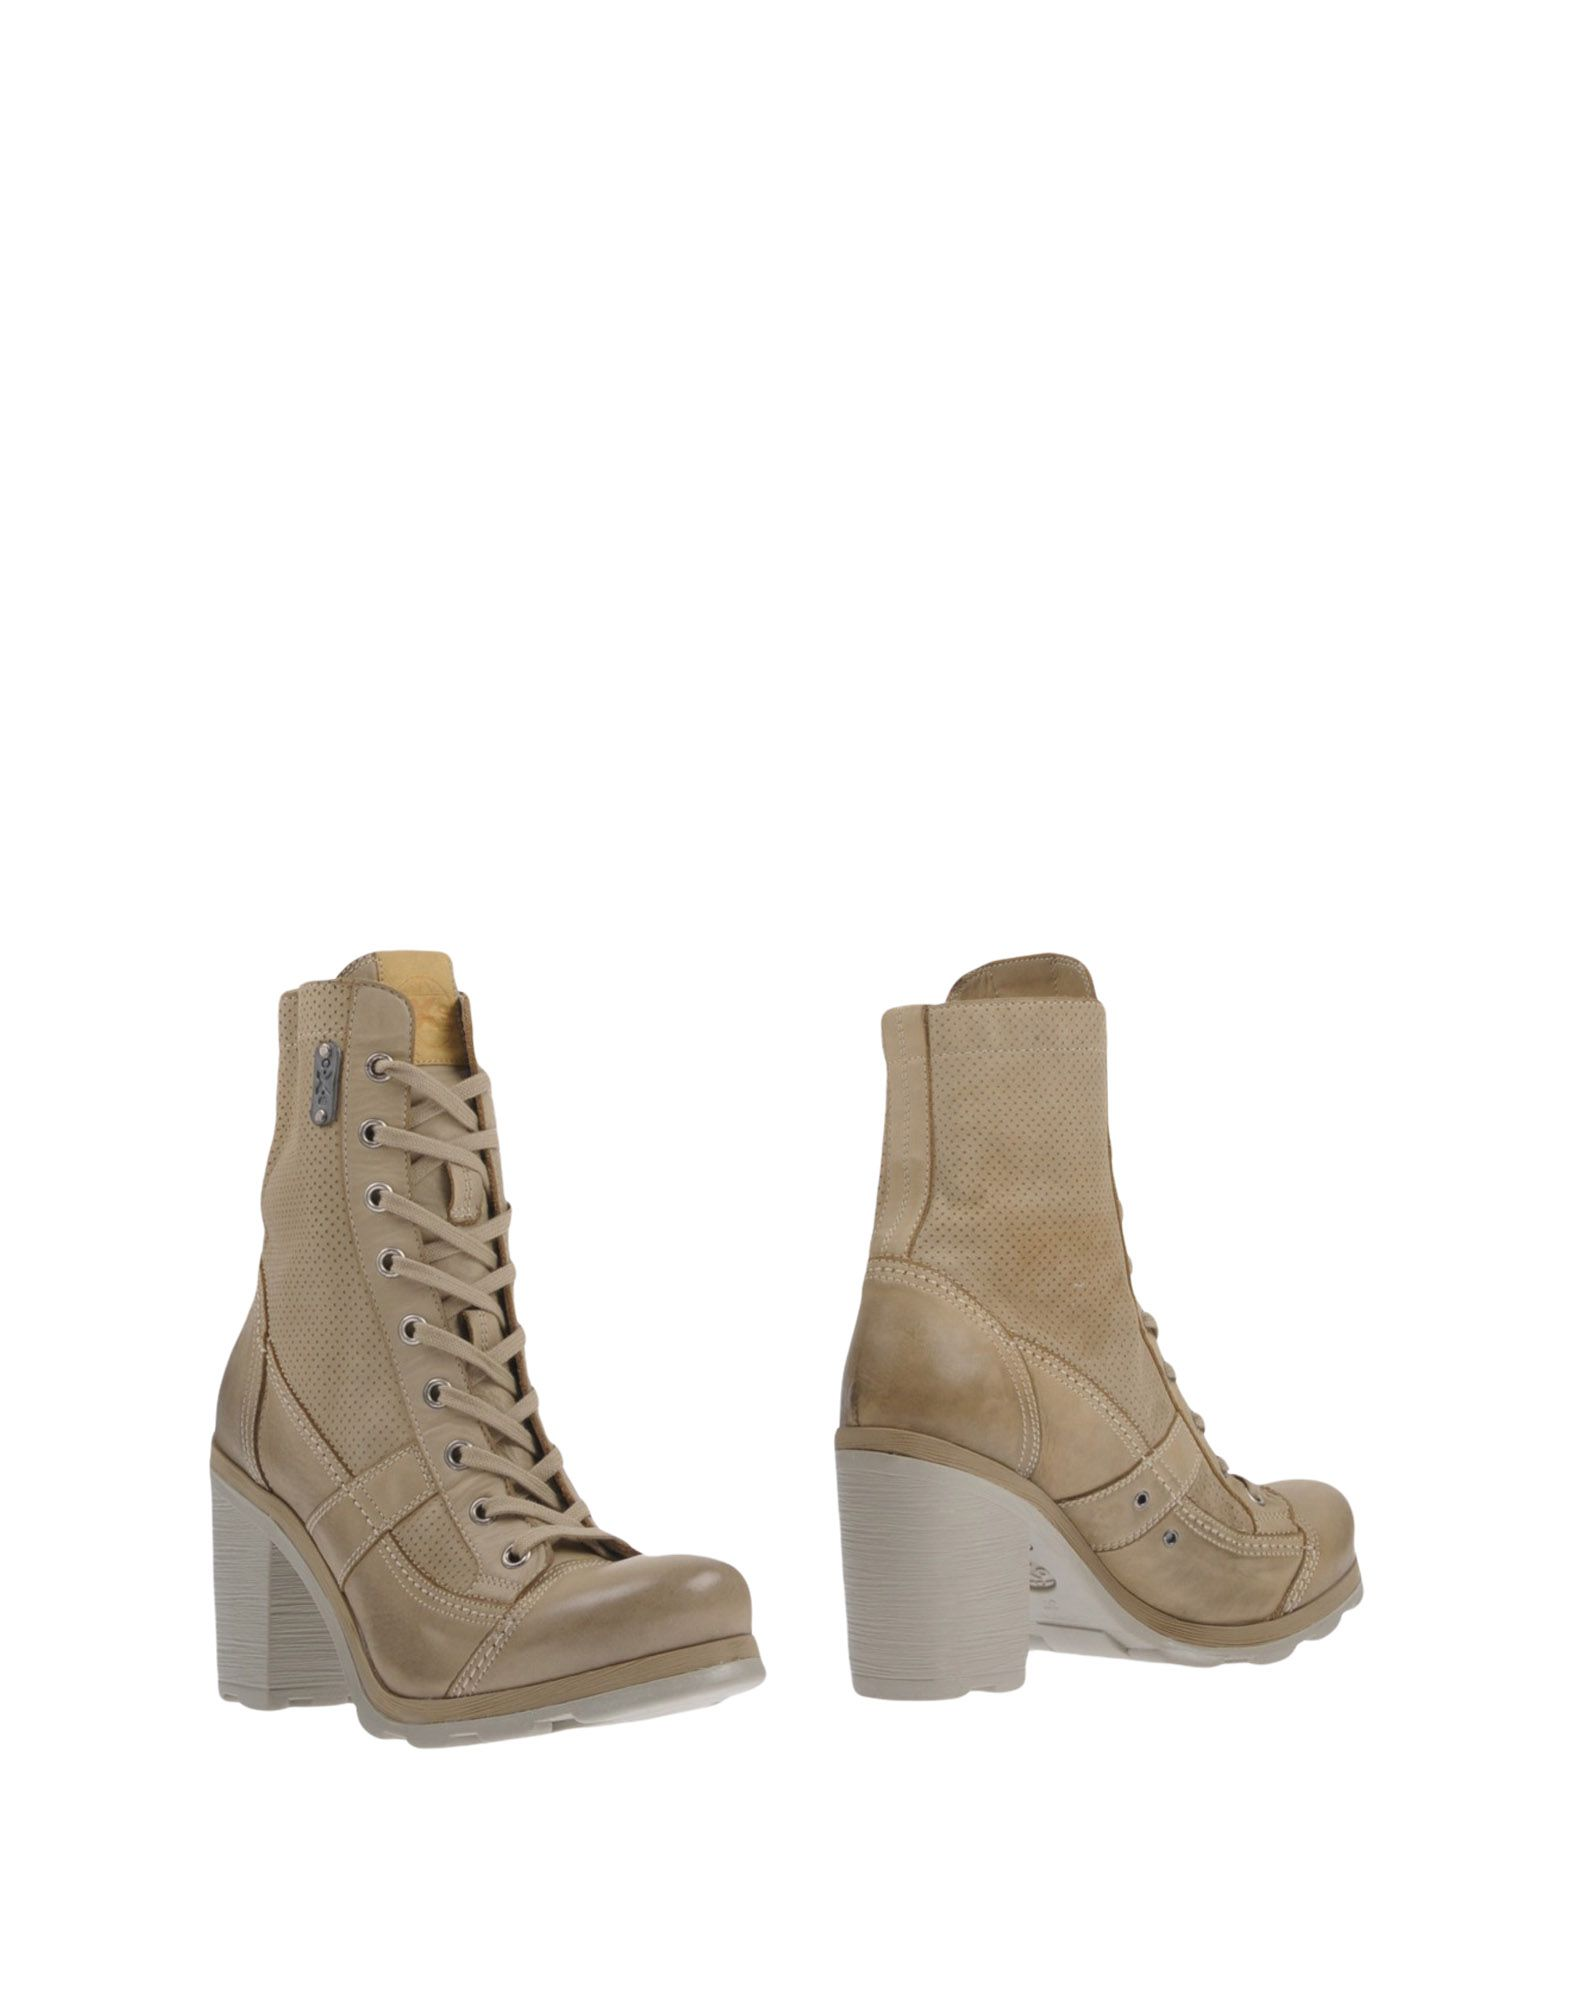 O.X.S. Stiefelette Damen  11454703ARGut aussehende strapazierfähige Schuhe